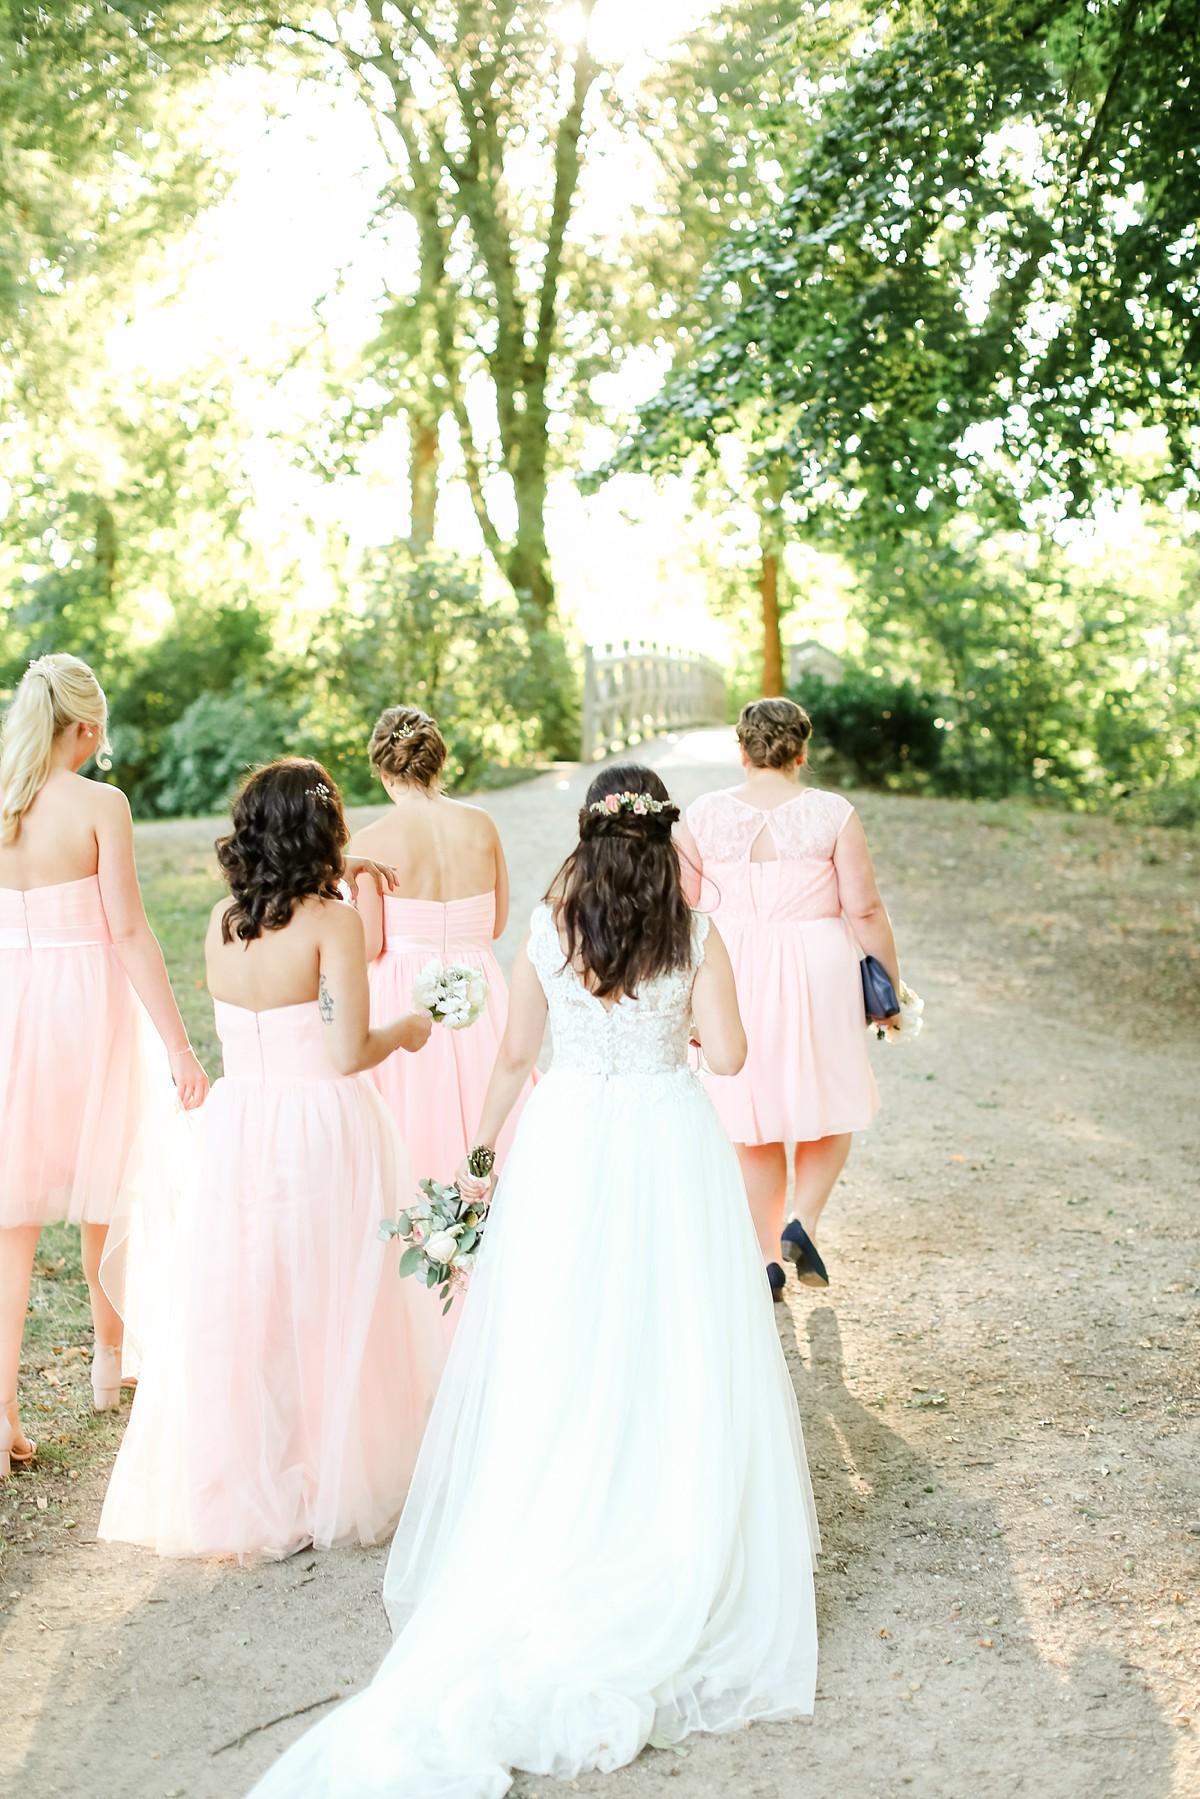 Hochzeitsfotograf-Gütersloh-Orangerie-Schloss-Rheda-Hochzeit-Nrw_0143